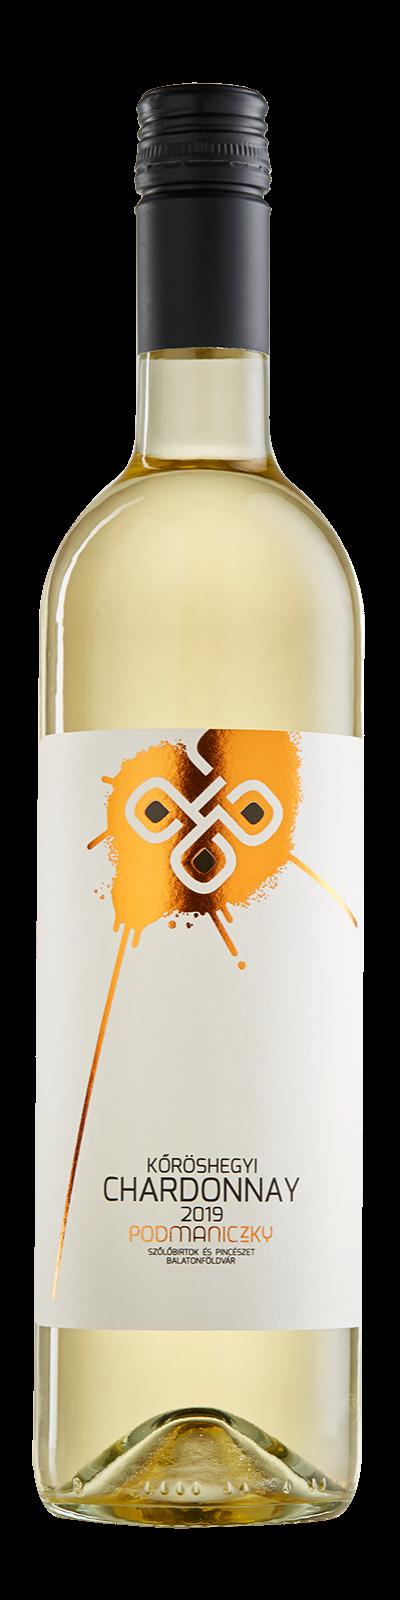 Kőröshegyi Chardonnay -  Podmaniczky Szőlőbirtok és Pince